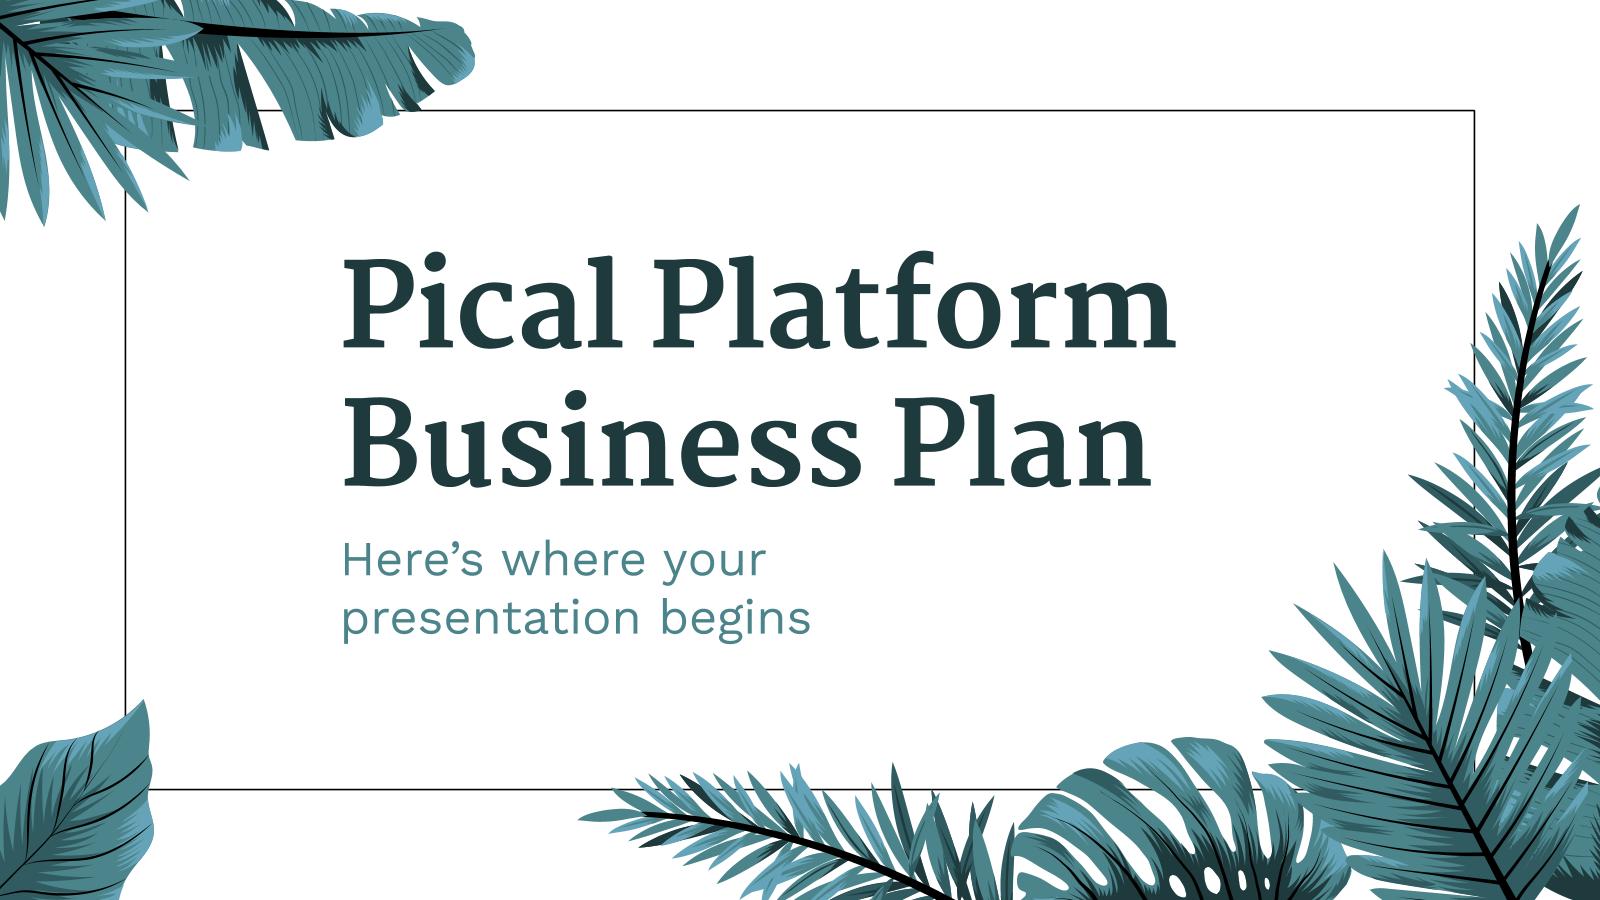 Modelo de apresentação Plano de negócios para plataformas Pical